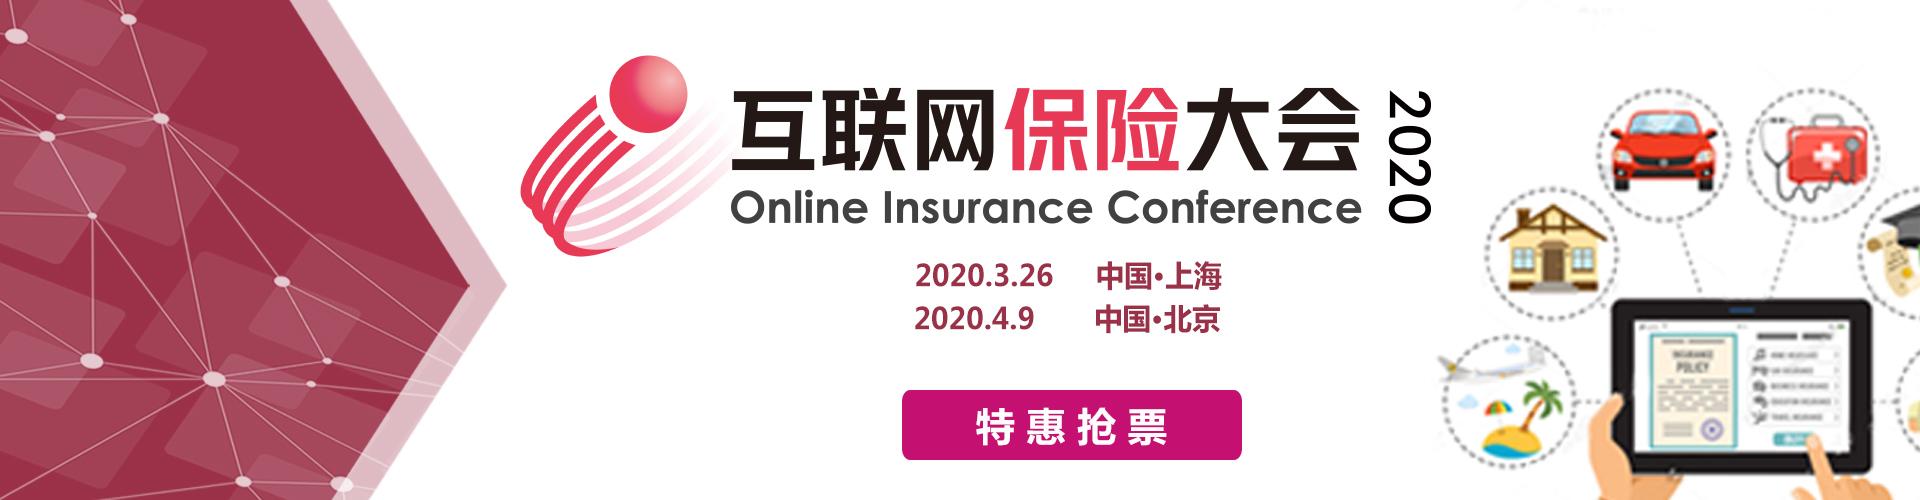 互联网保险大会2020 3.26 上海